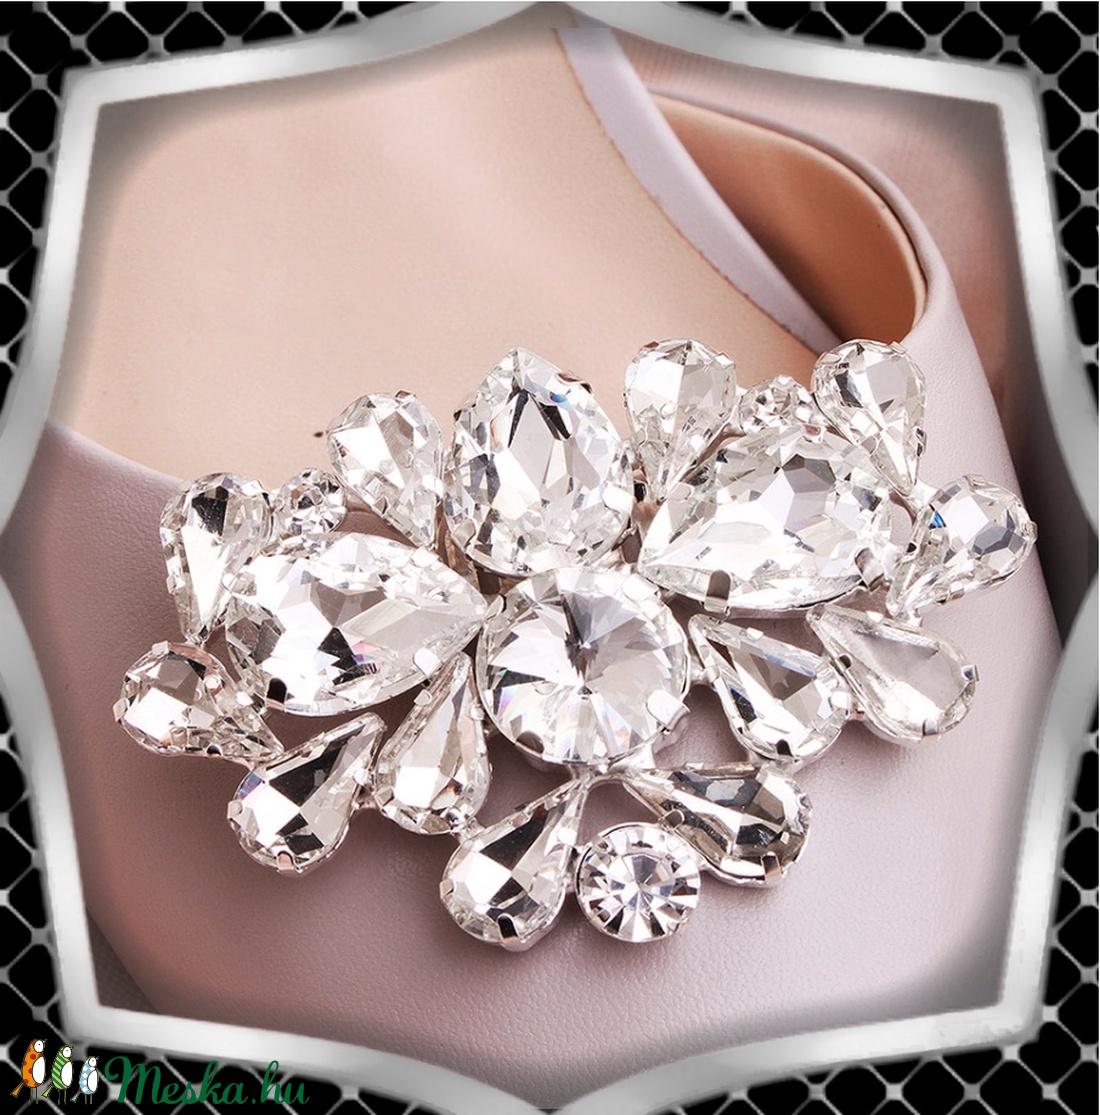 Esküvői, menyasszonyi, alkalmi cipődísz, cipőklipsz ES-CK26 - esküvő - cipő és cipőklipsz - Meska.hu